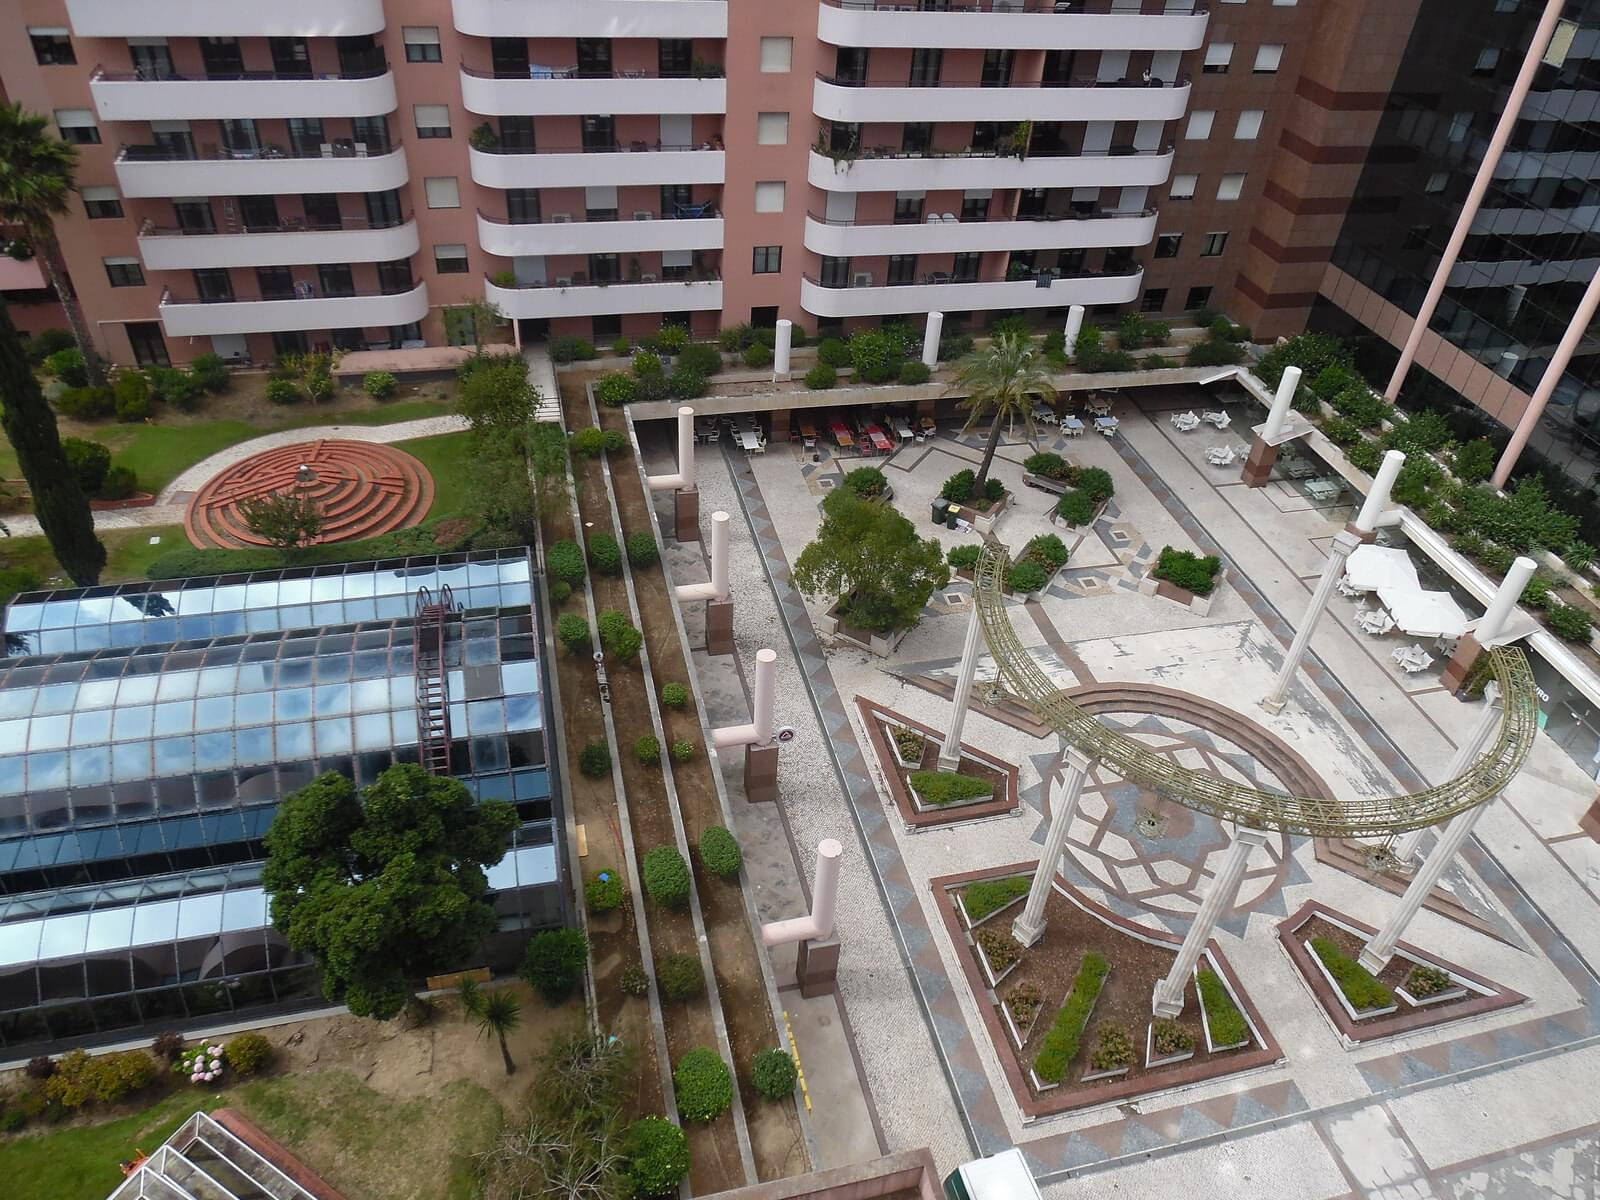 pf17637-apartamento-t2-lisboa-3b2873d5-9922-4066-91d7-9c243ad528f5